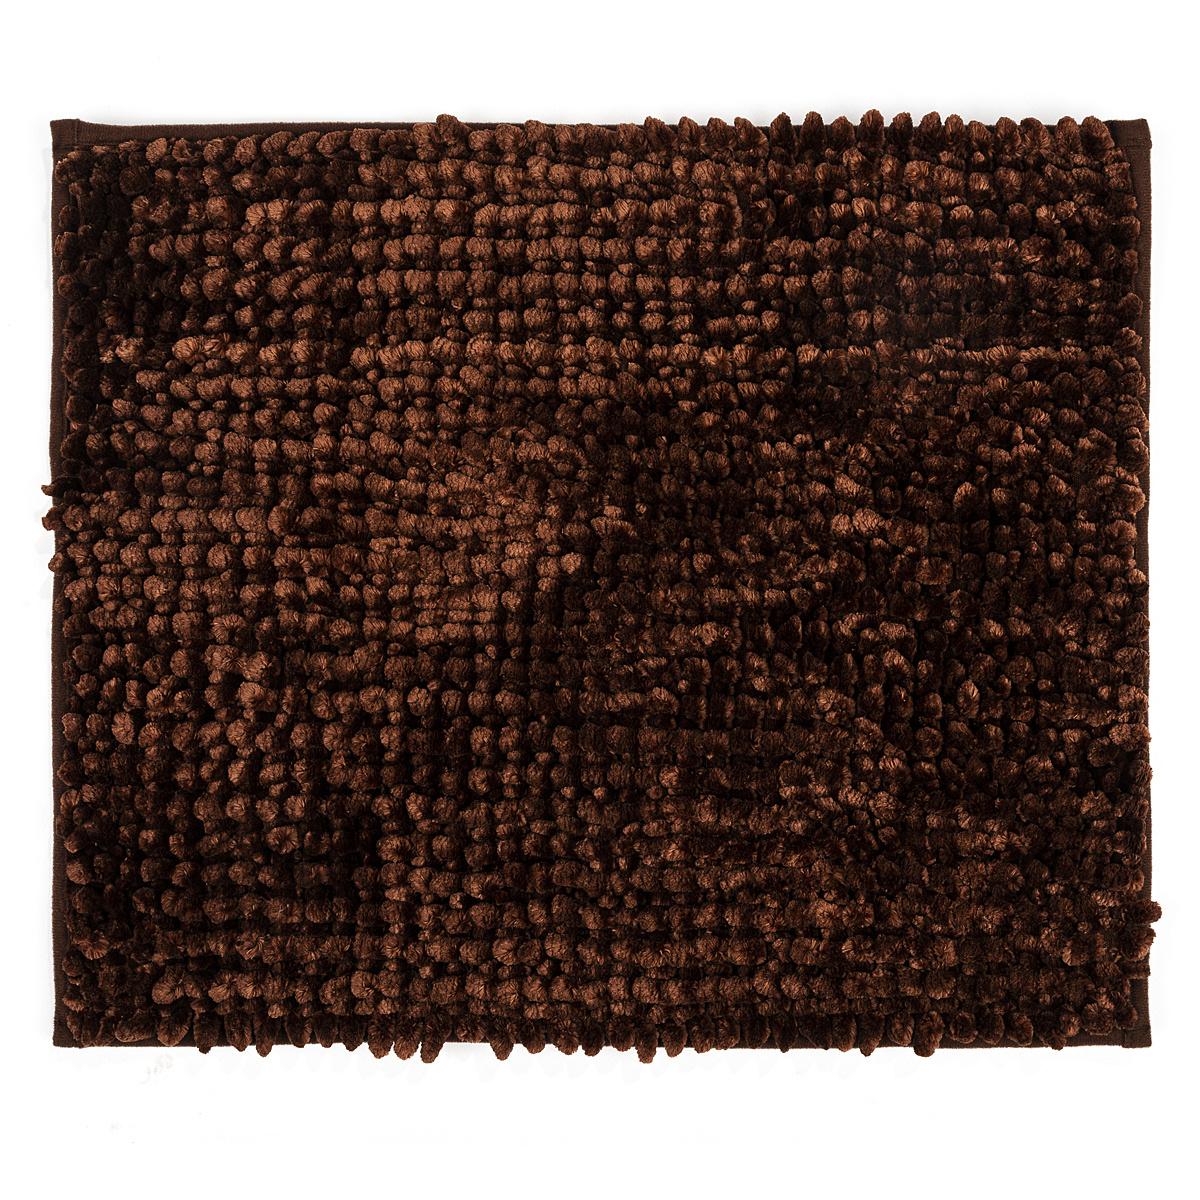 Bo-ma Koupelnová předložka Ella micro hnědá, 40 x 50 cm